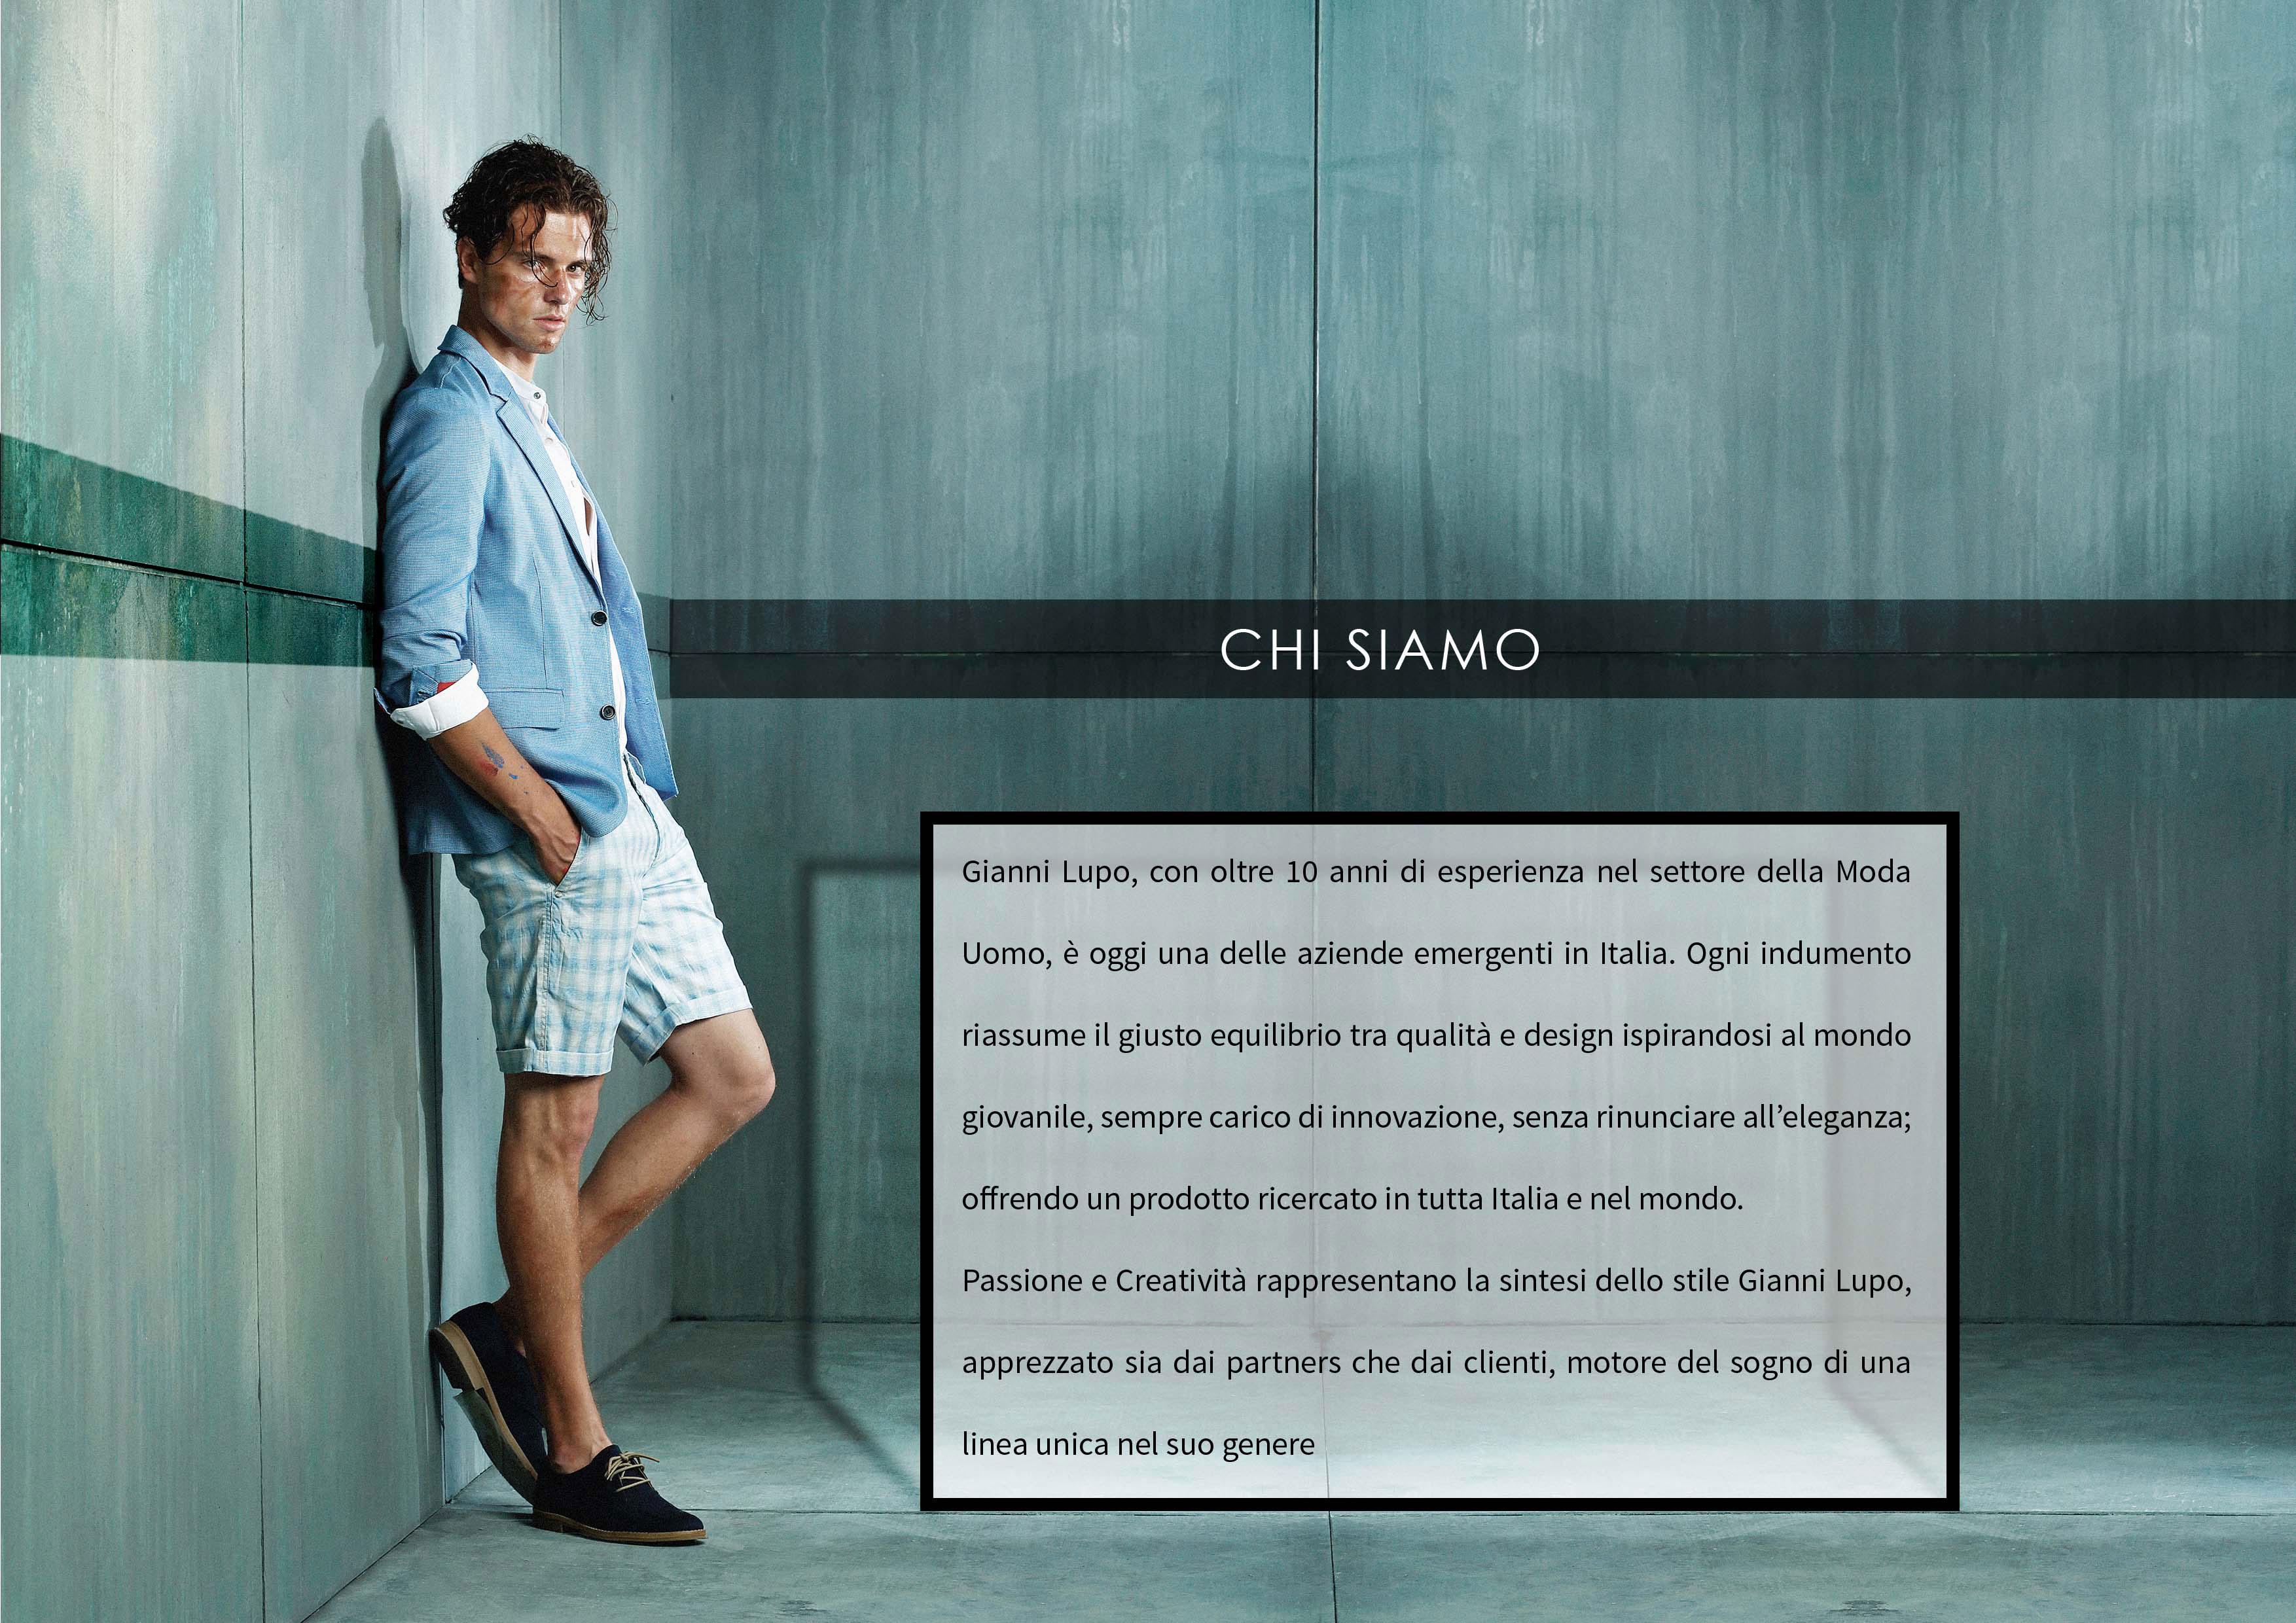 Gianni Lupo. Moda Uomo. Ermengenti in Italia. Design giovanile, innovativo, elegante e unica.